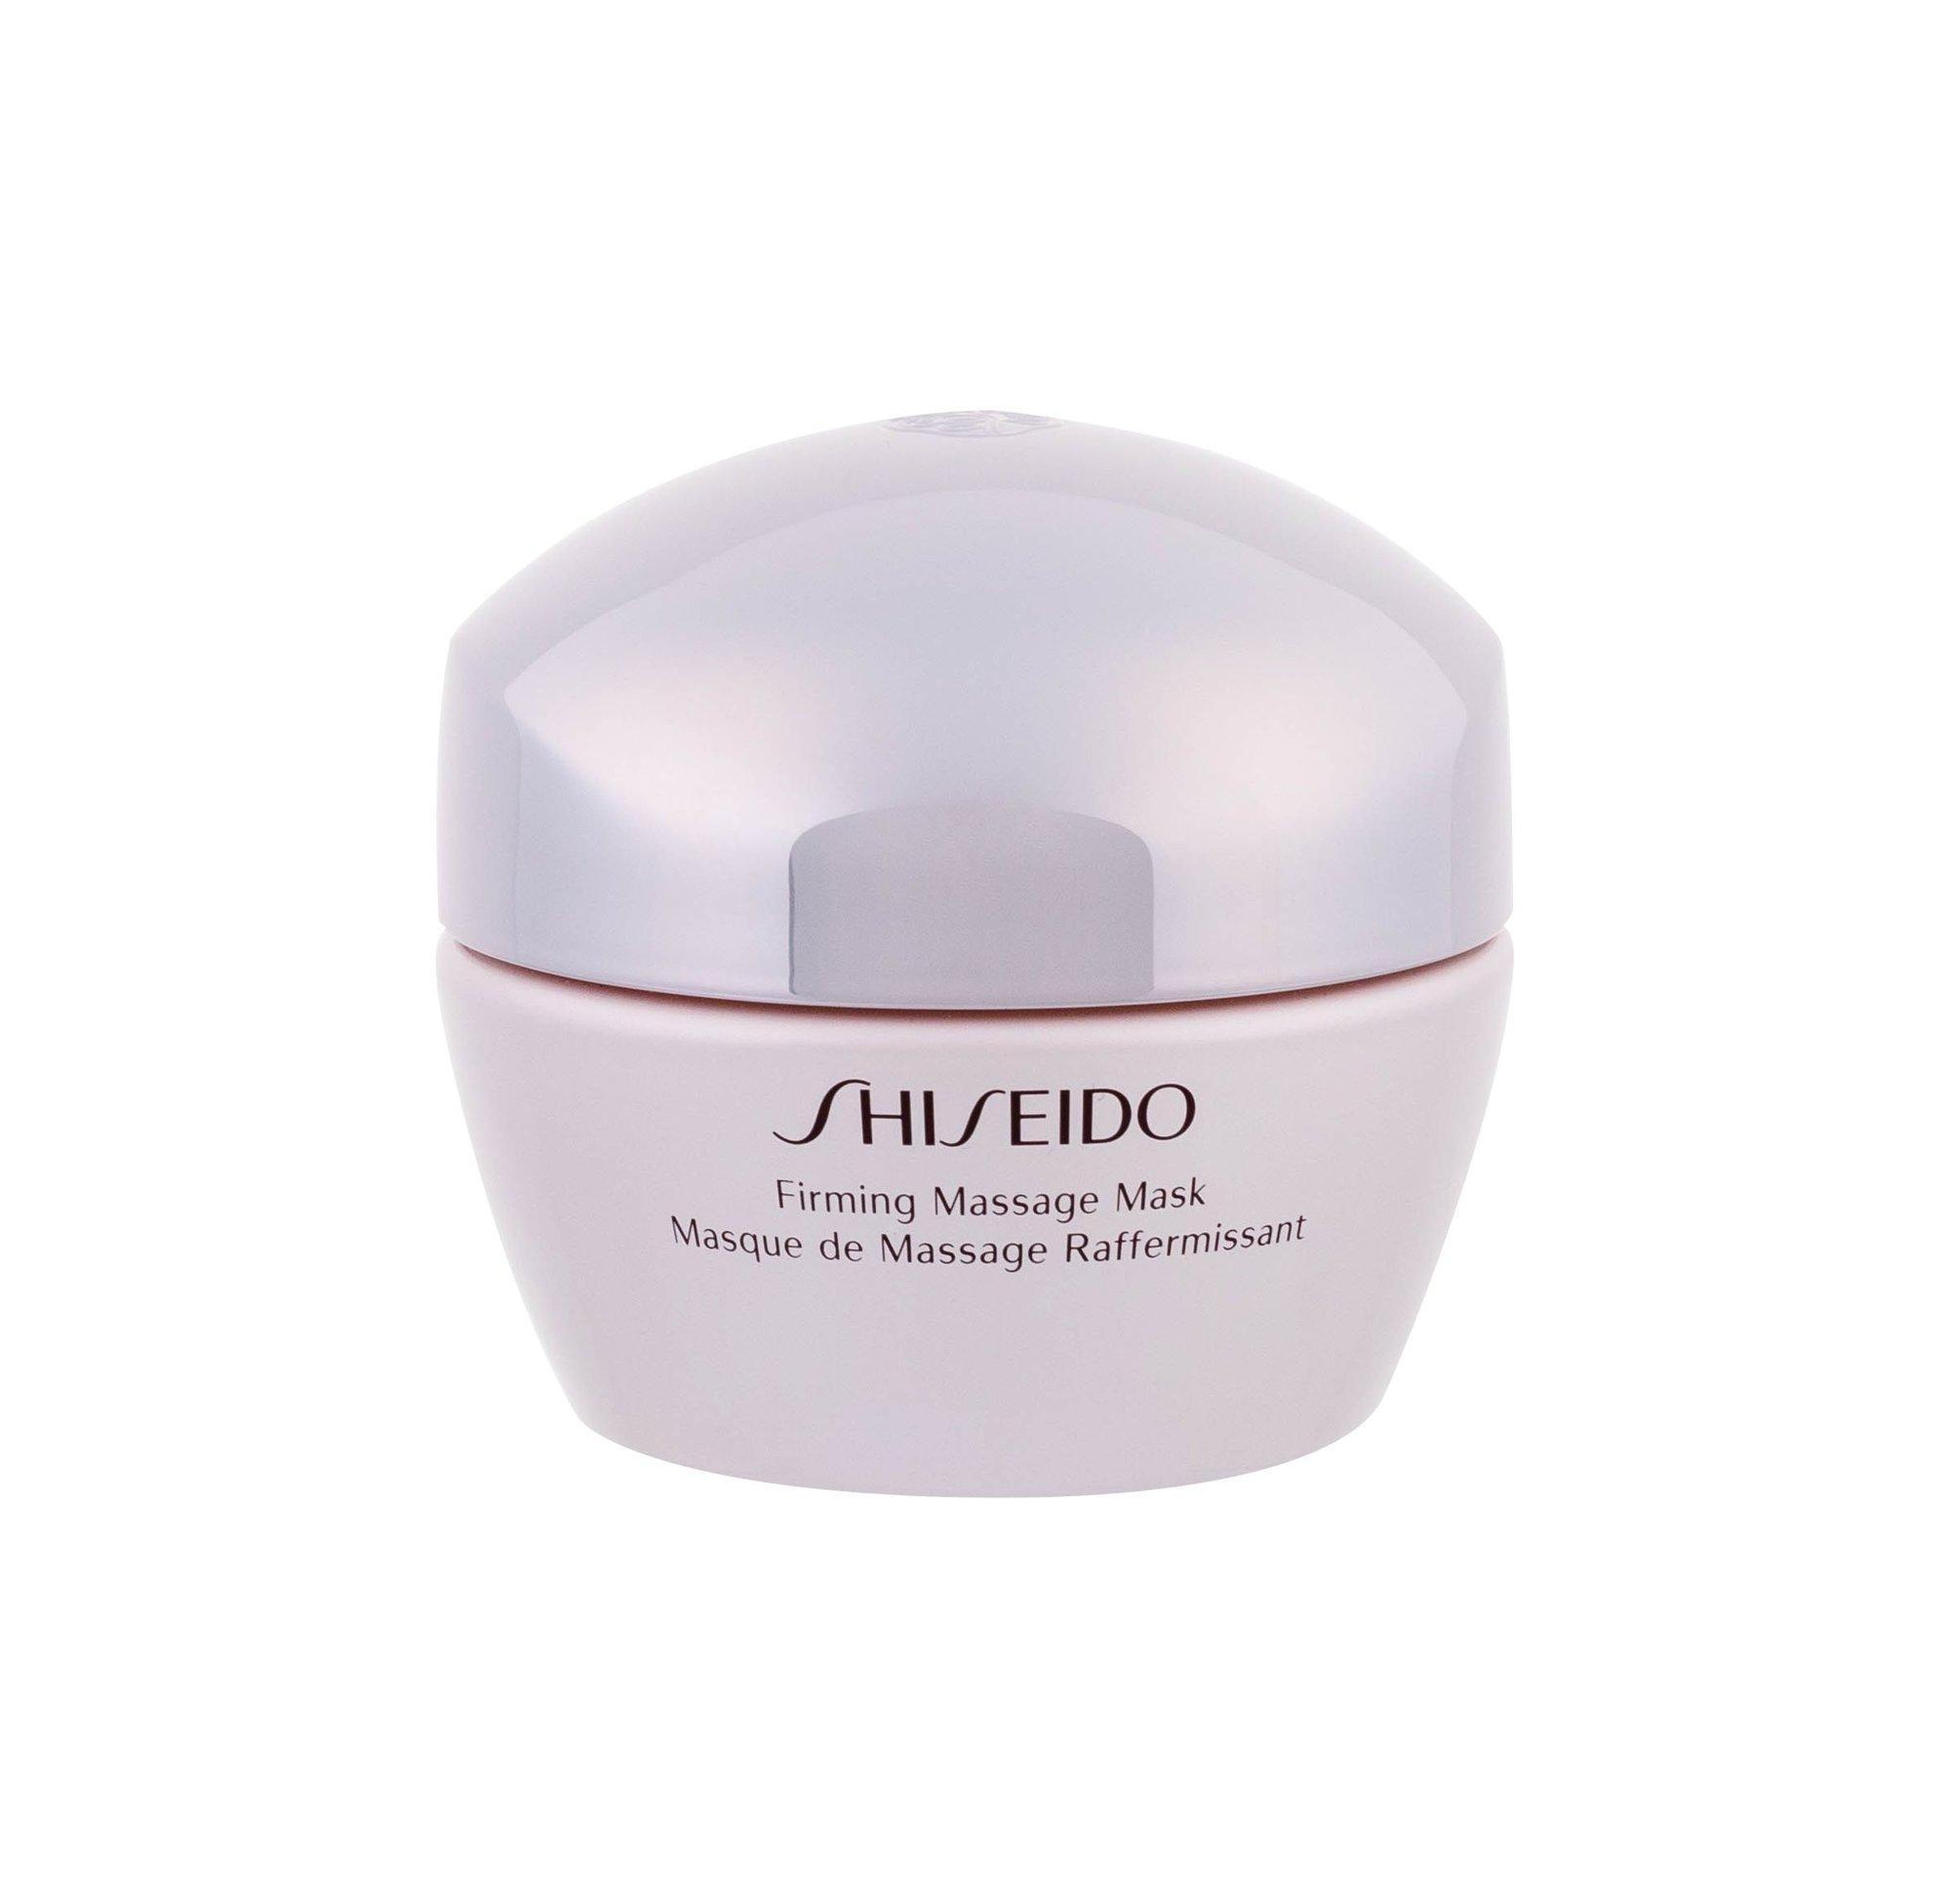 Shiseido Firming Massage Mask Face Mask 50ml